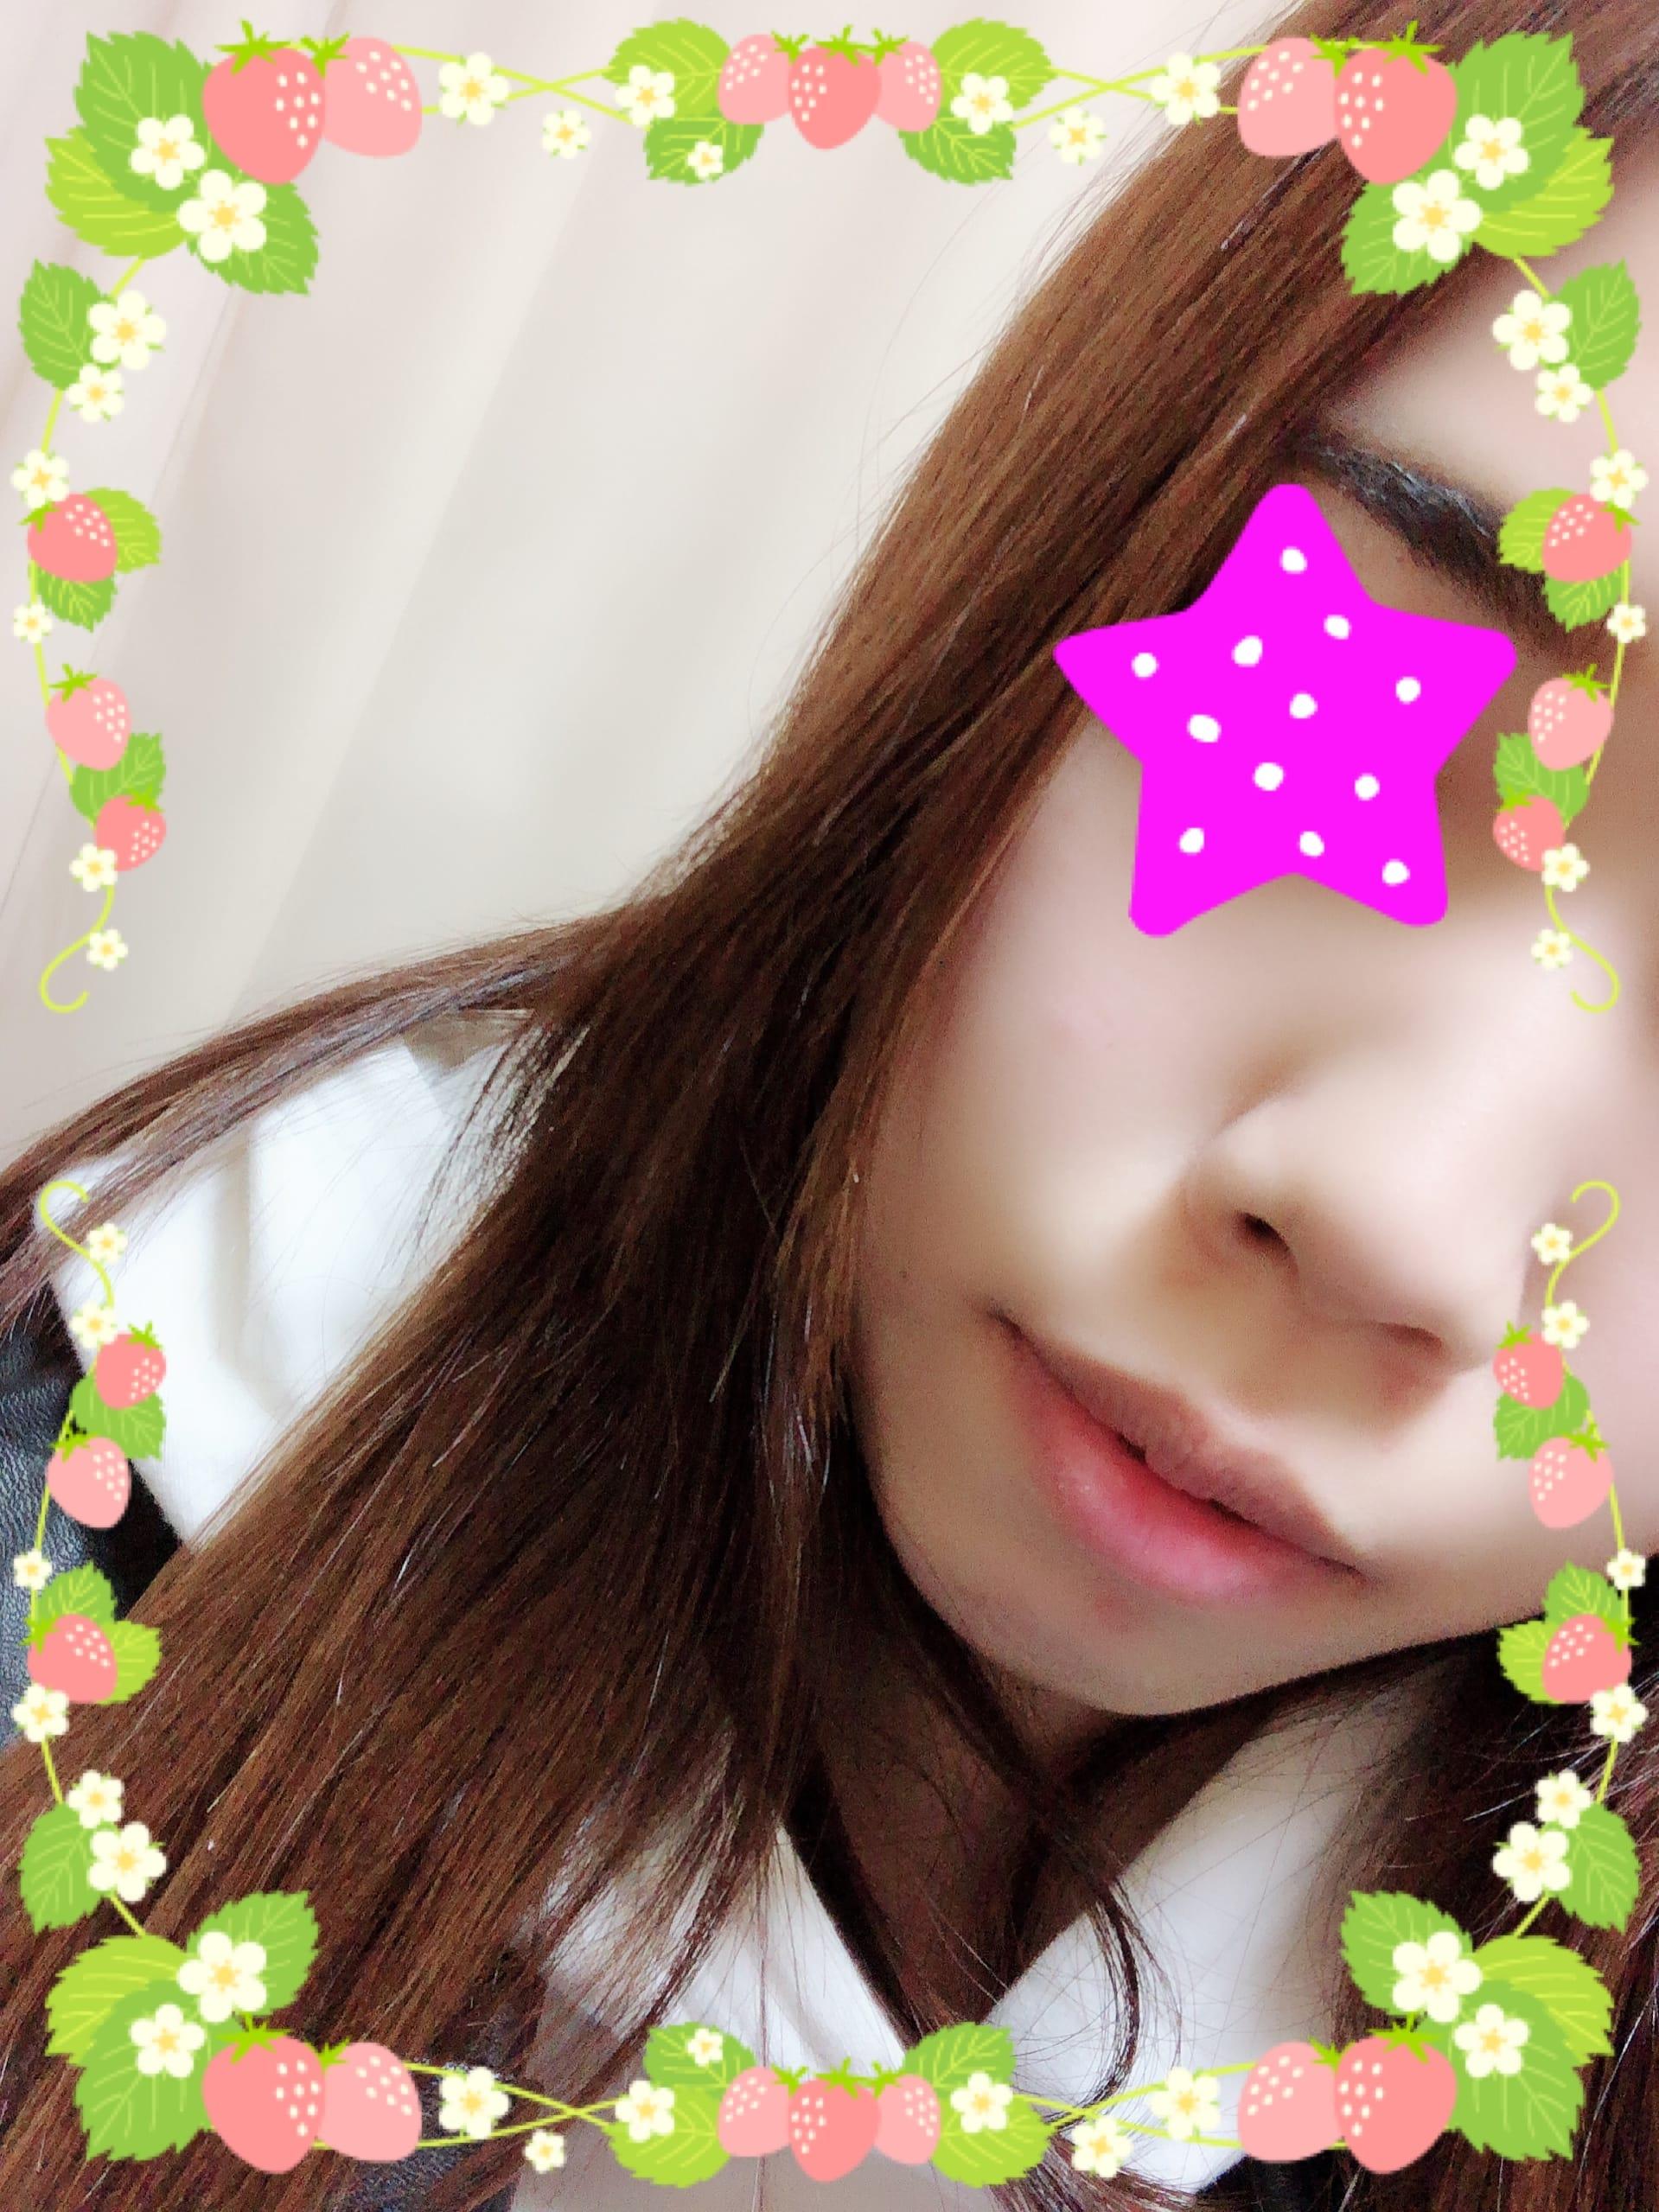 「ありがとう*ˊᵕˋ*」03/19(月) 05:03 | かおりの写メ・風俗動画